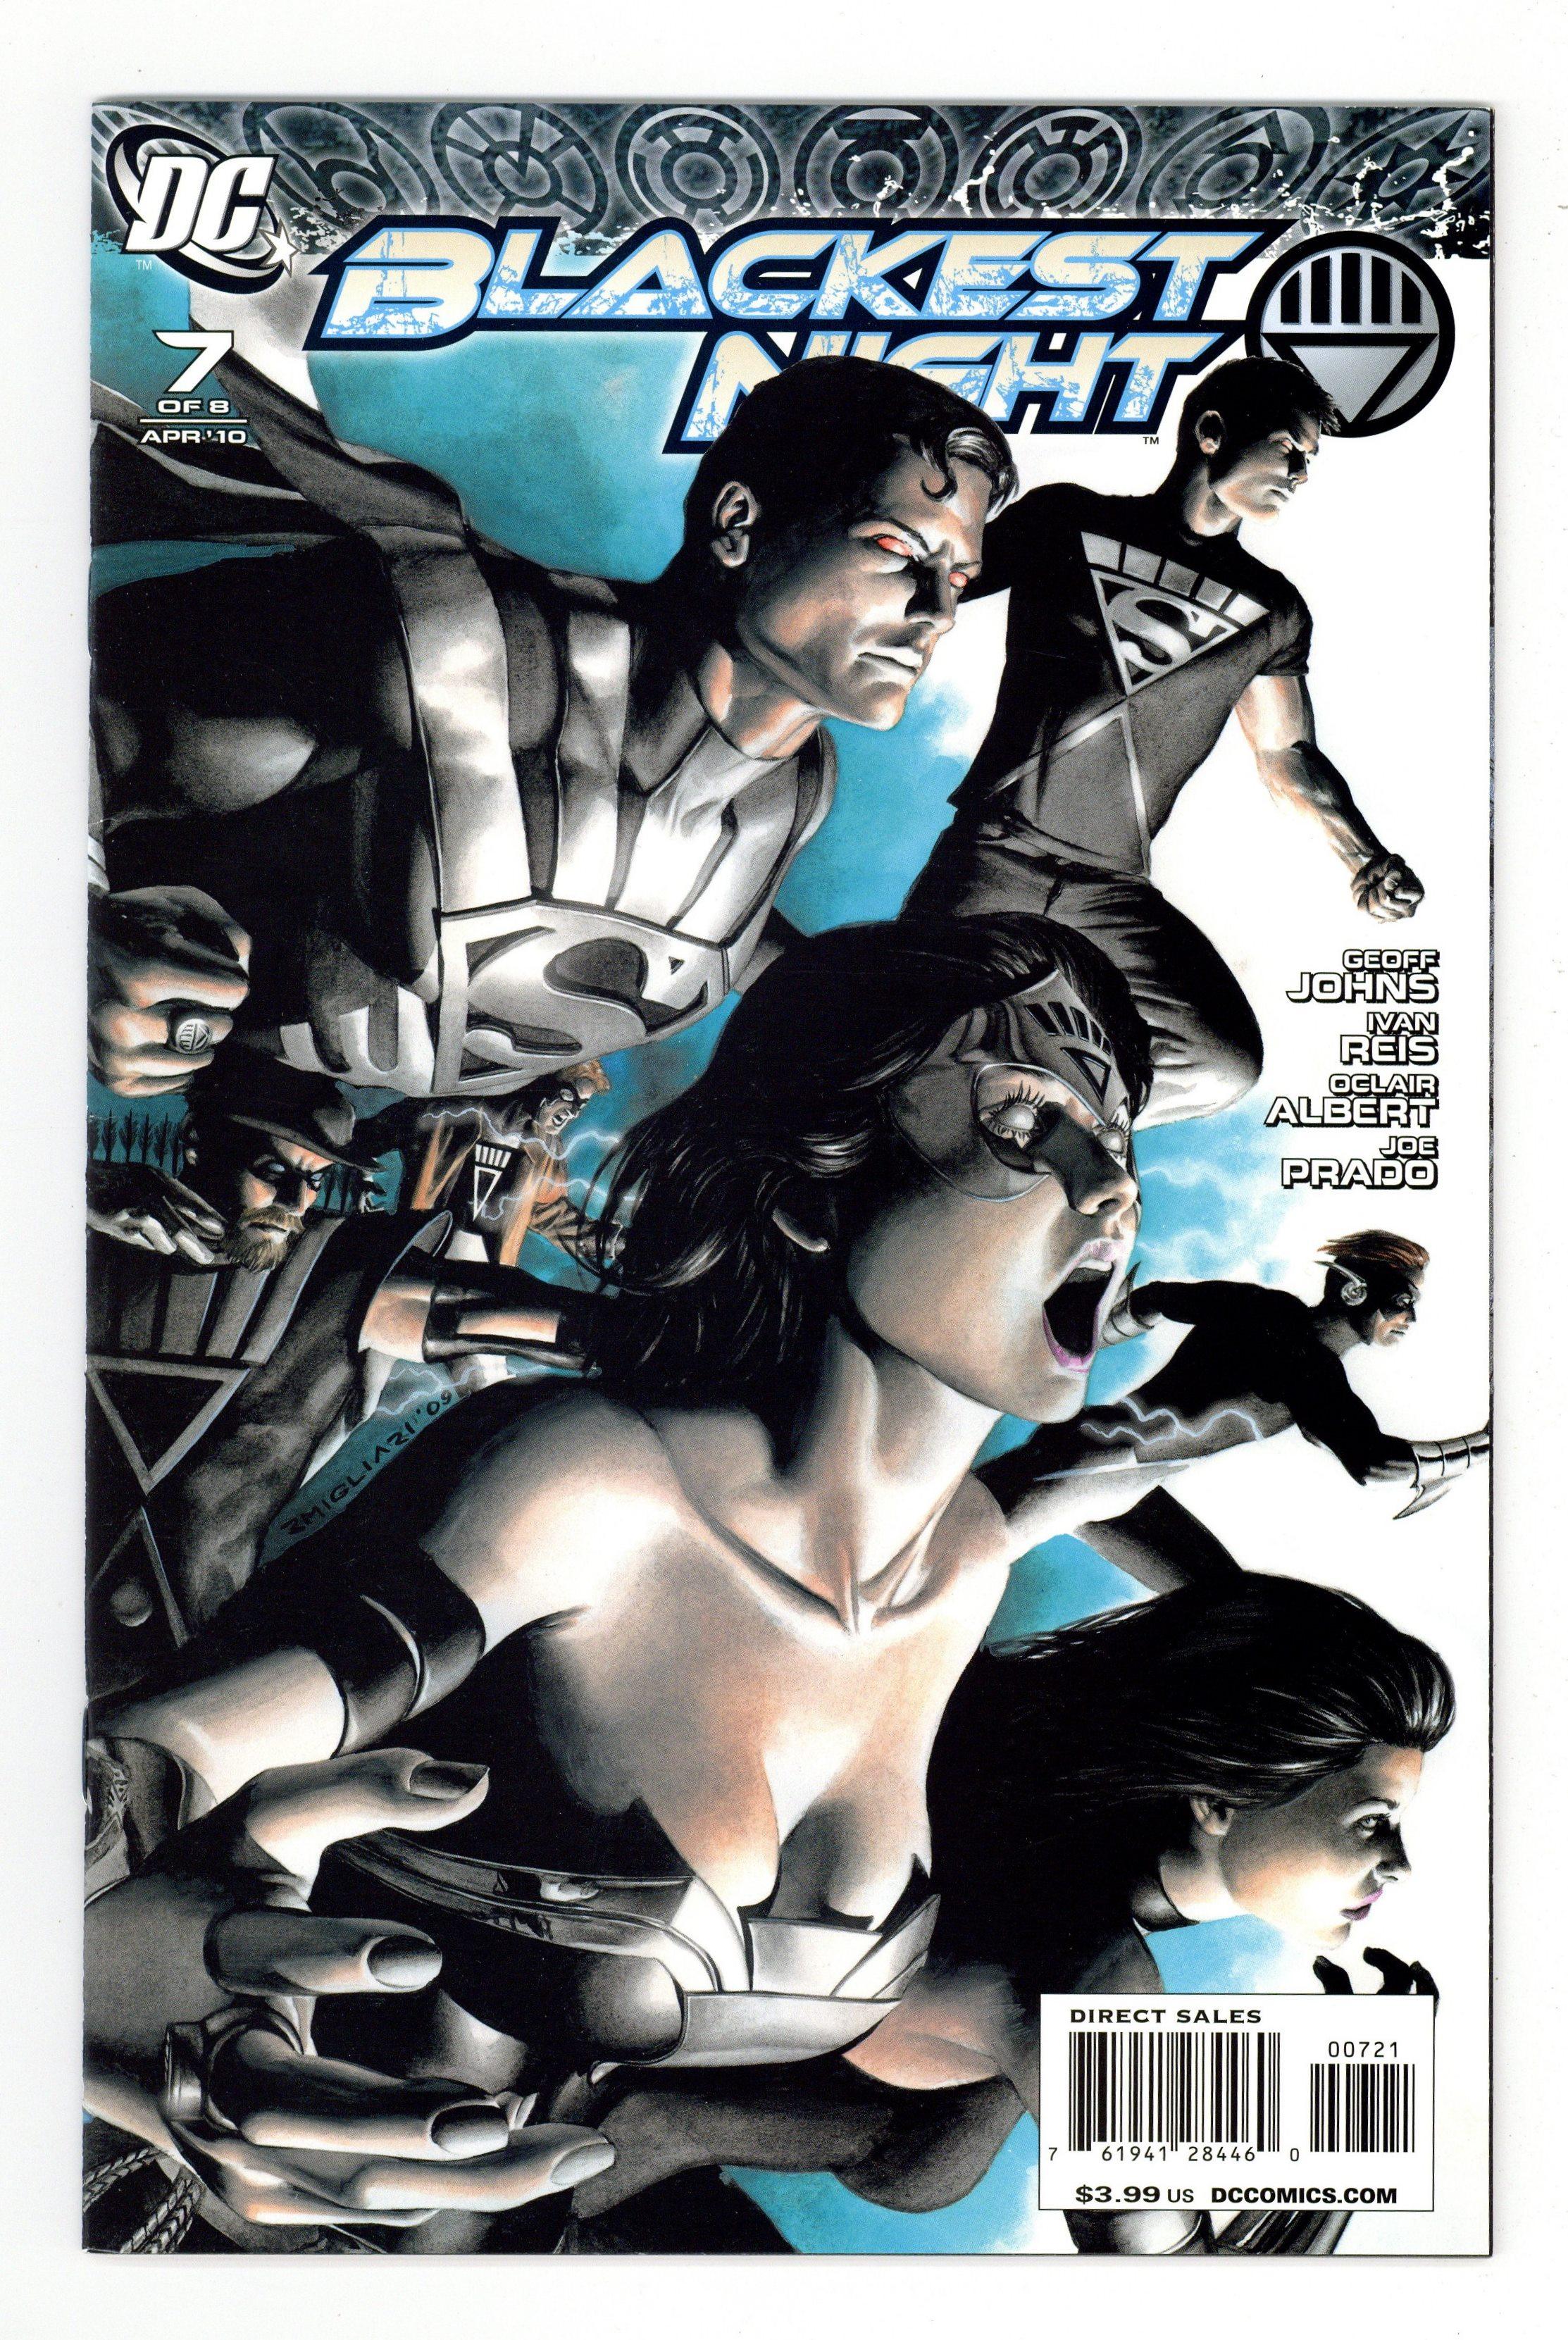 Blackest Night #5 2010, DC 1:25 Migliari Variant Batman Black  Lantern